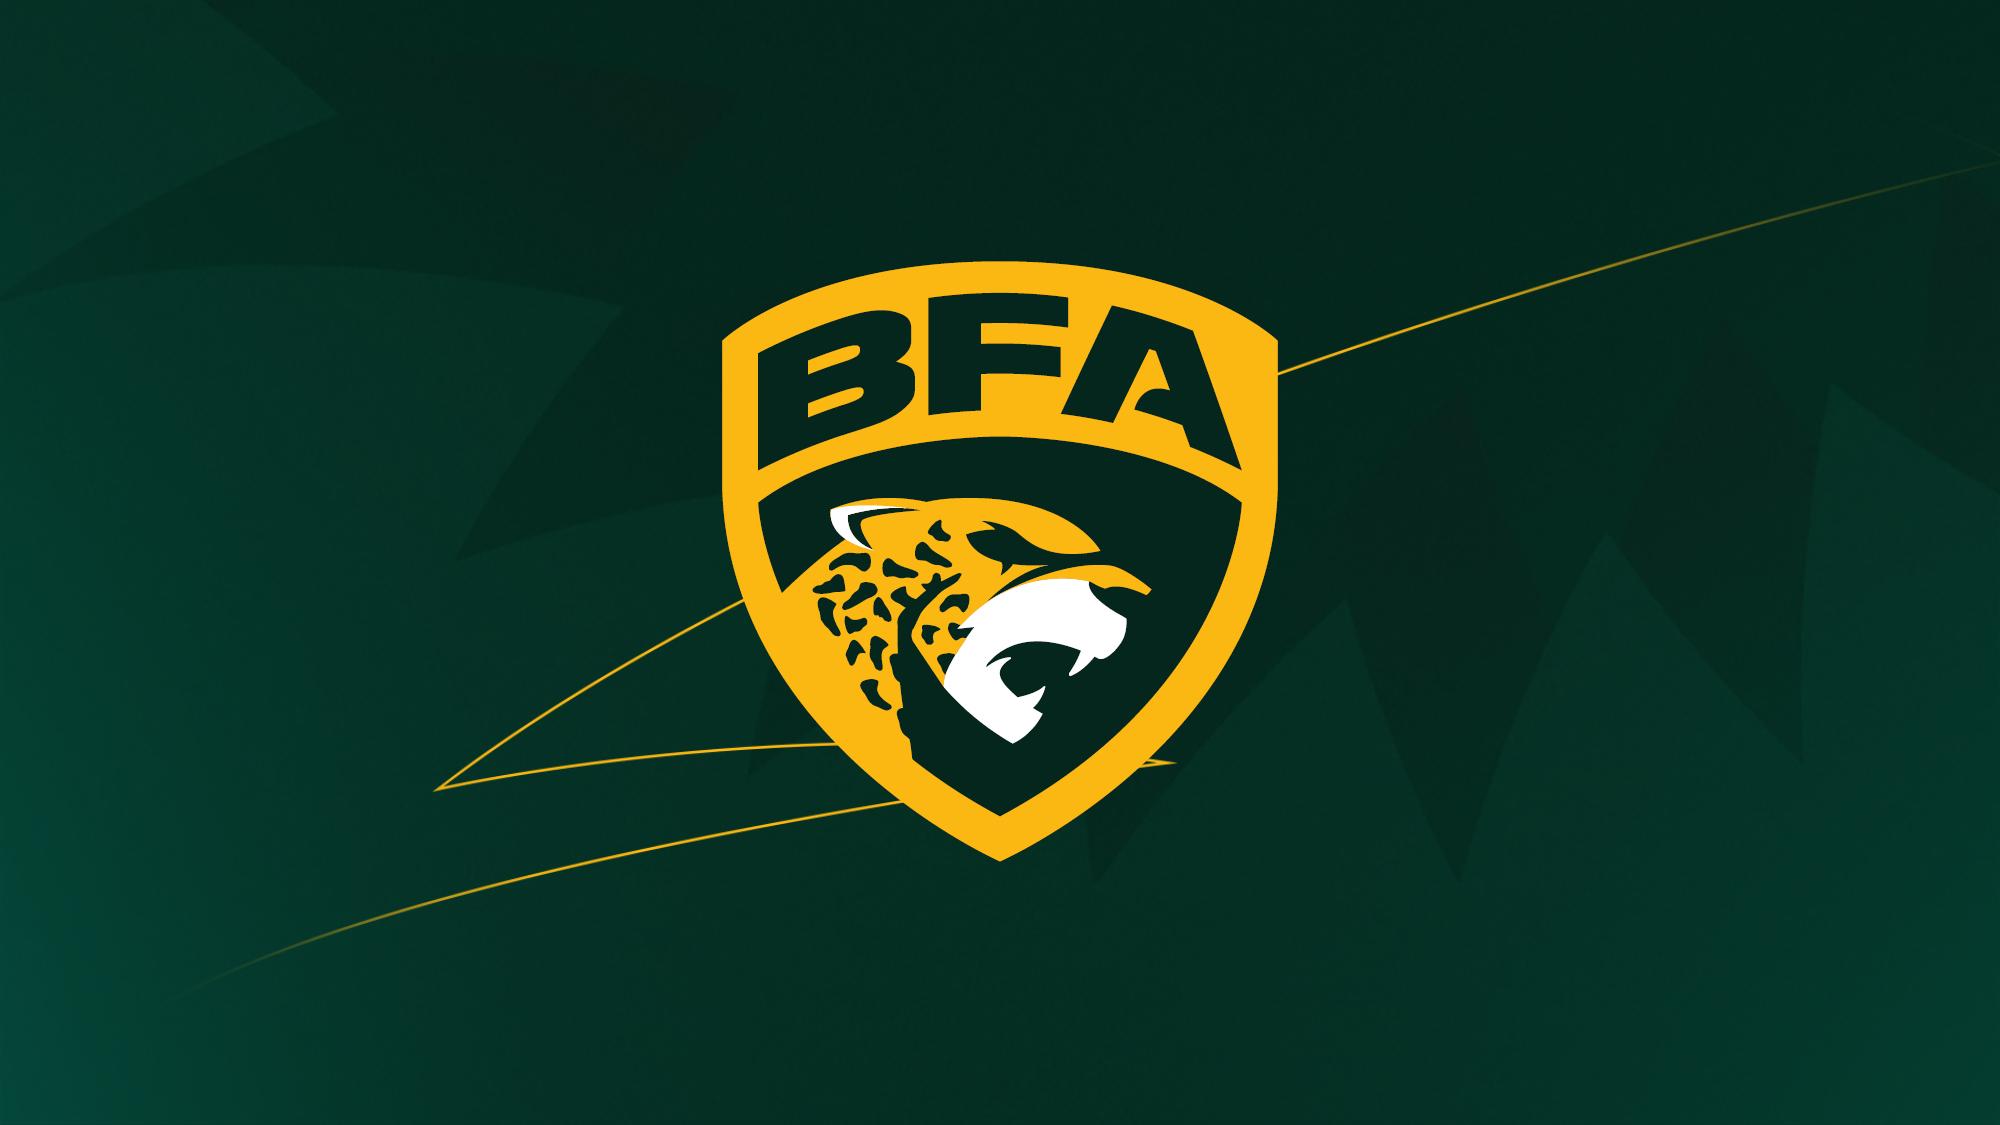 Liga BFA